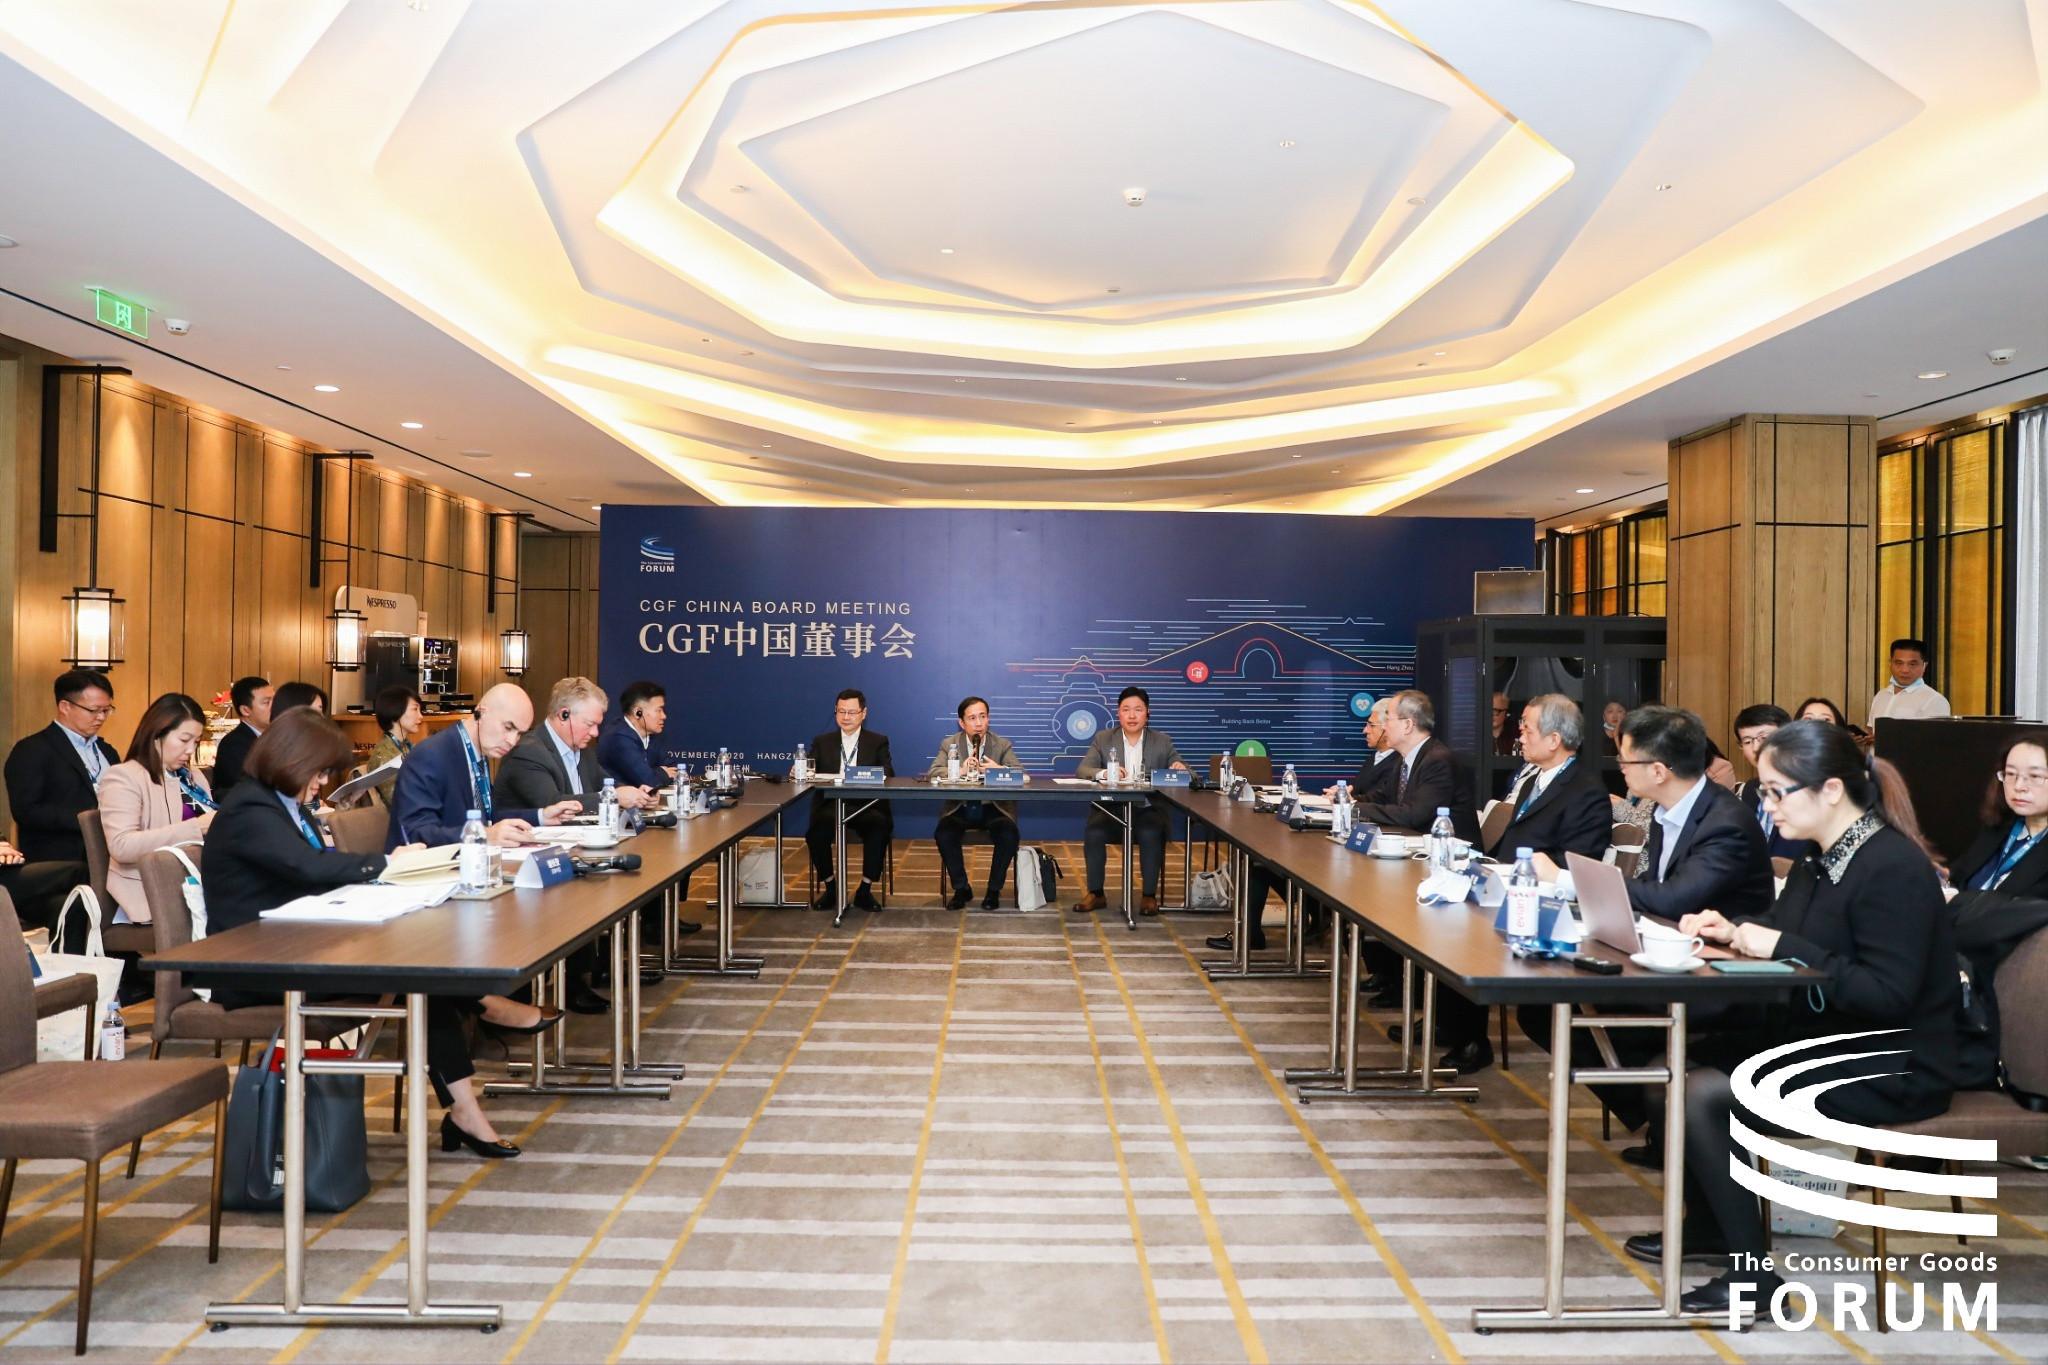 2020第三届消费品论坛(CGF)中国日-16